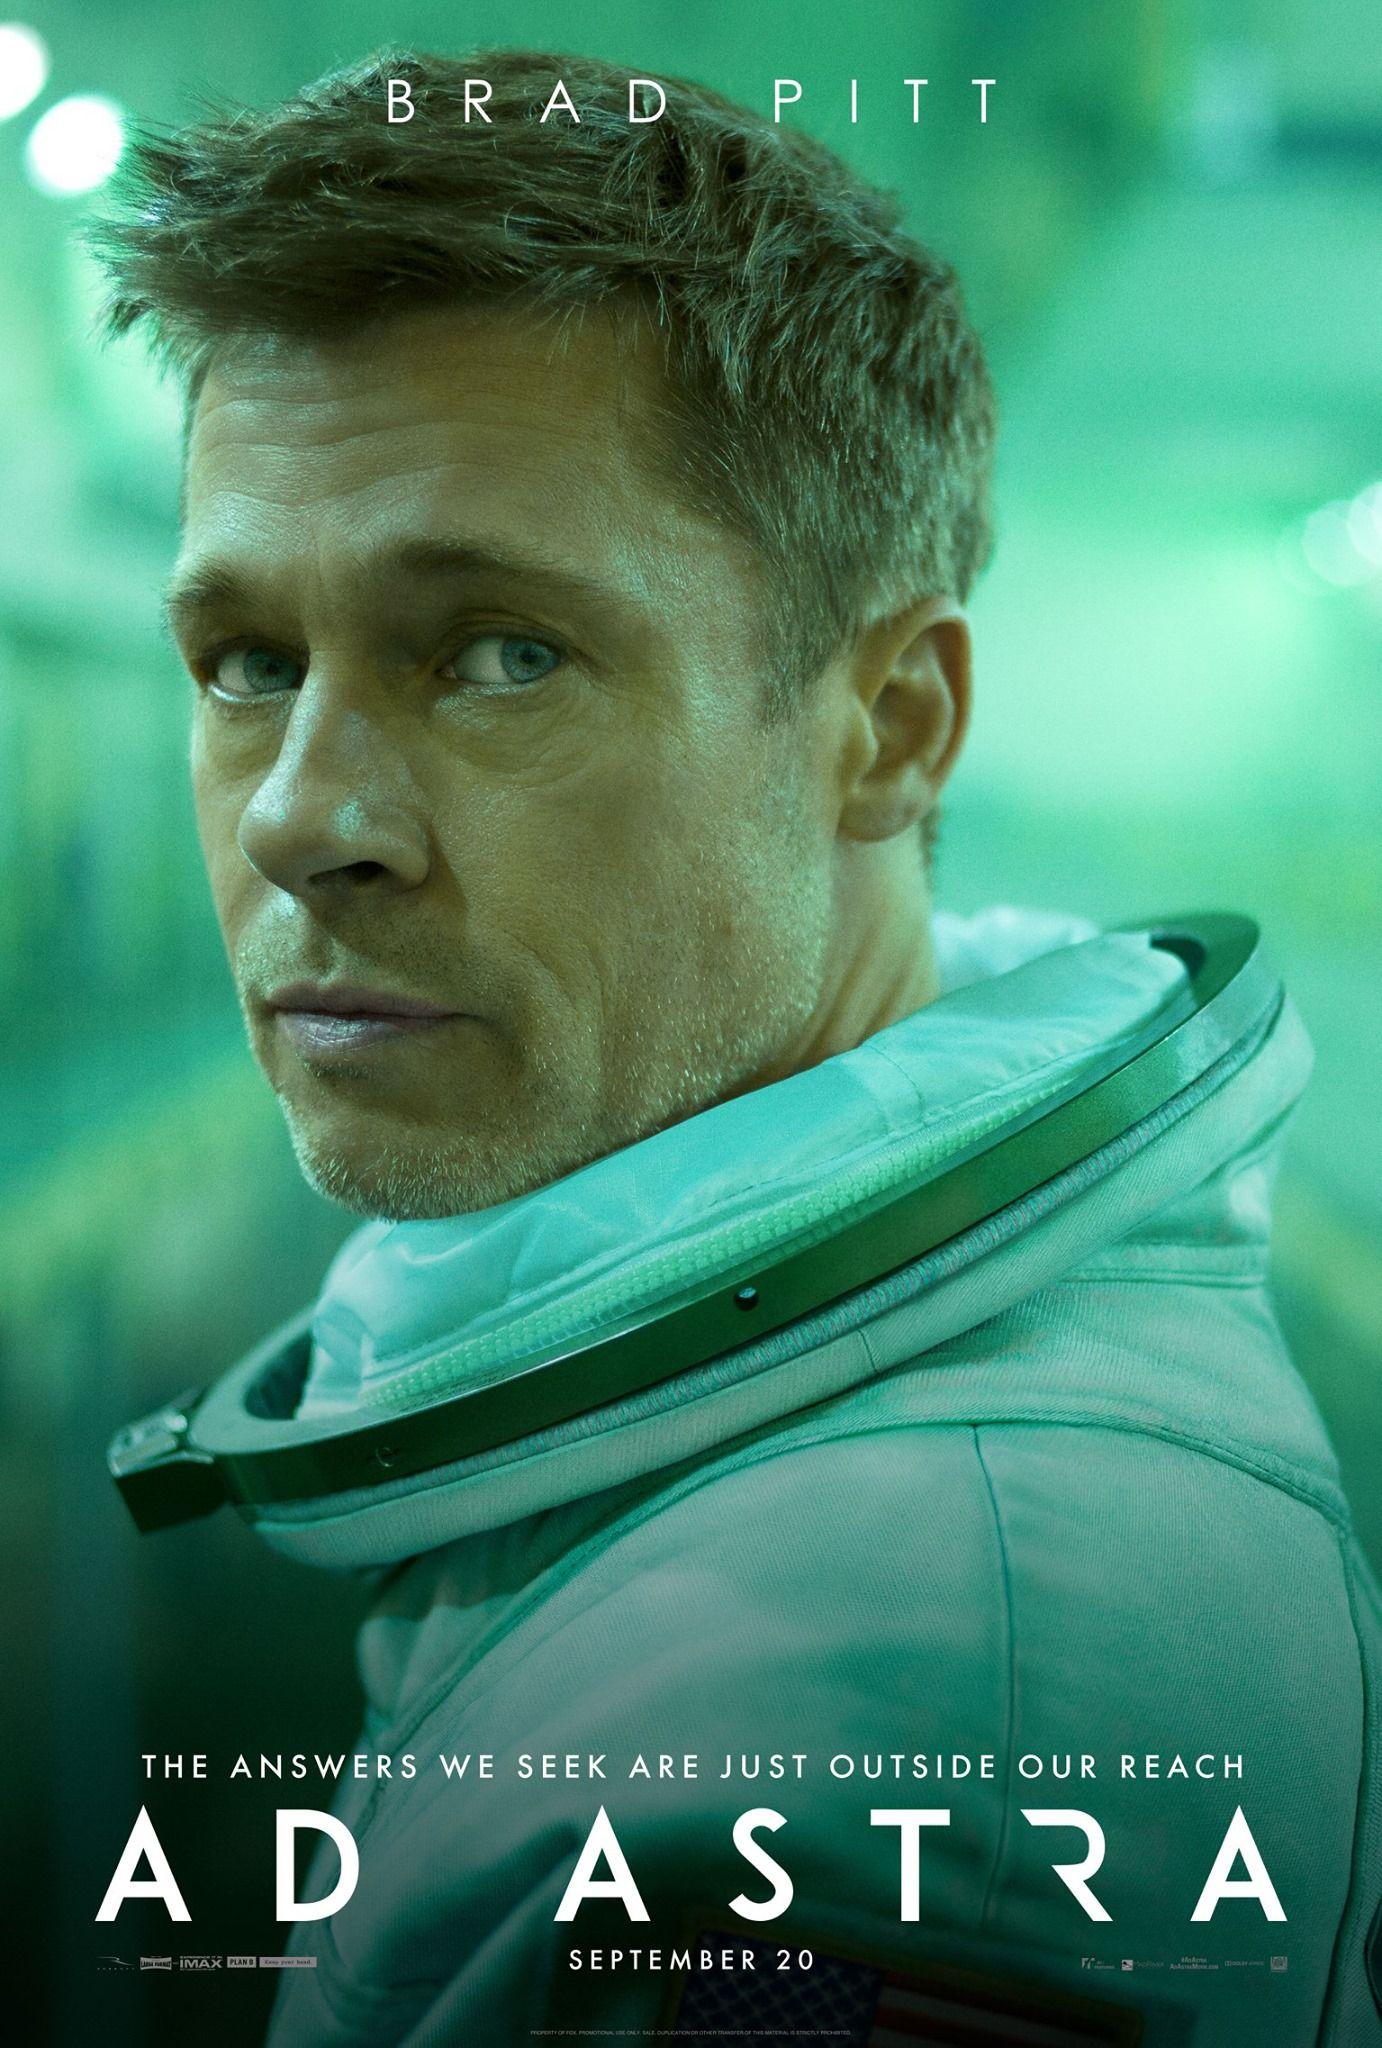 Brad Pitt zachraňuje slnečnú sústavu vo veľkolepom vesmírnom sci-fi Ad Astra, ktoré chceš vidieť v IMAX-e